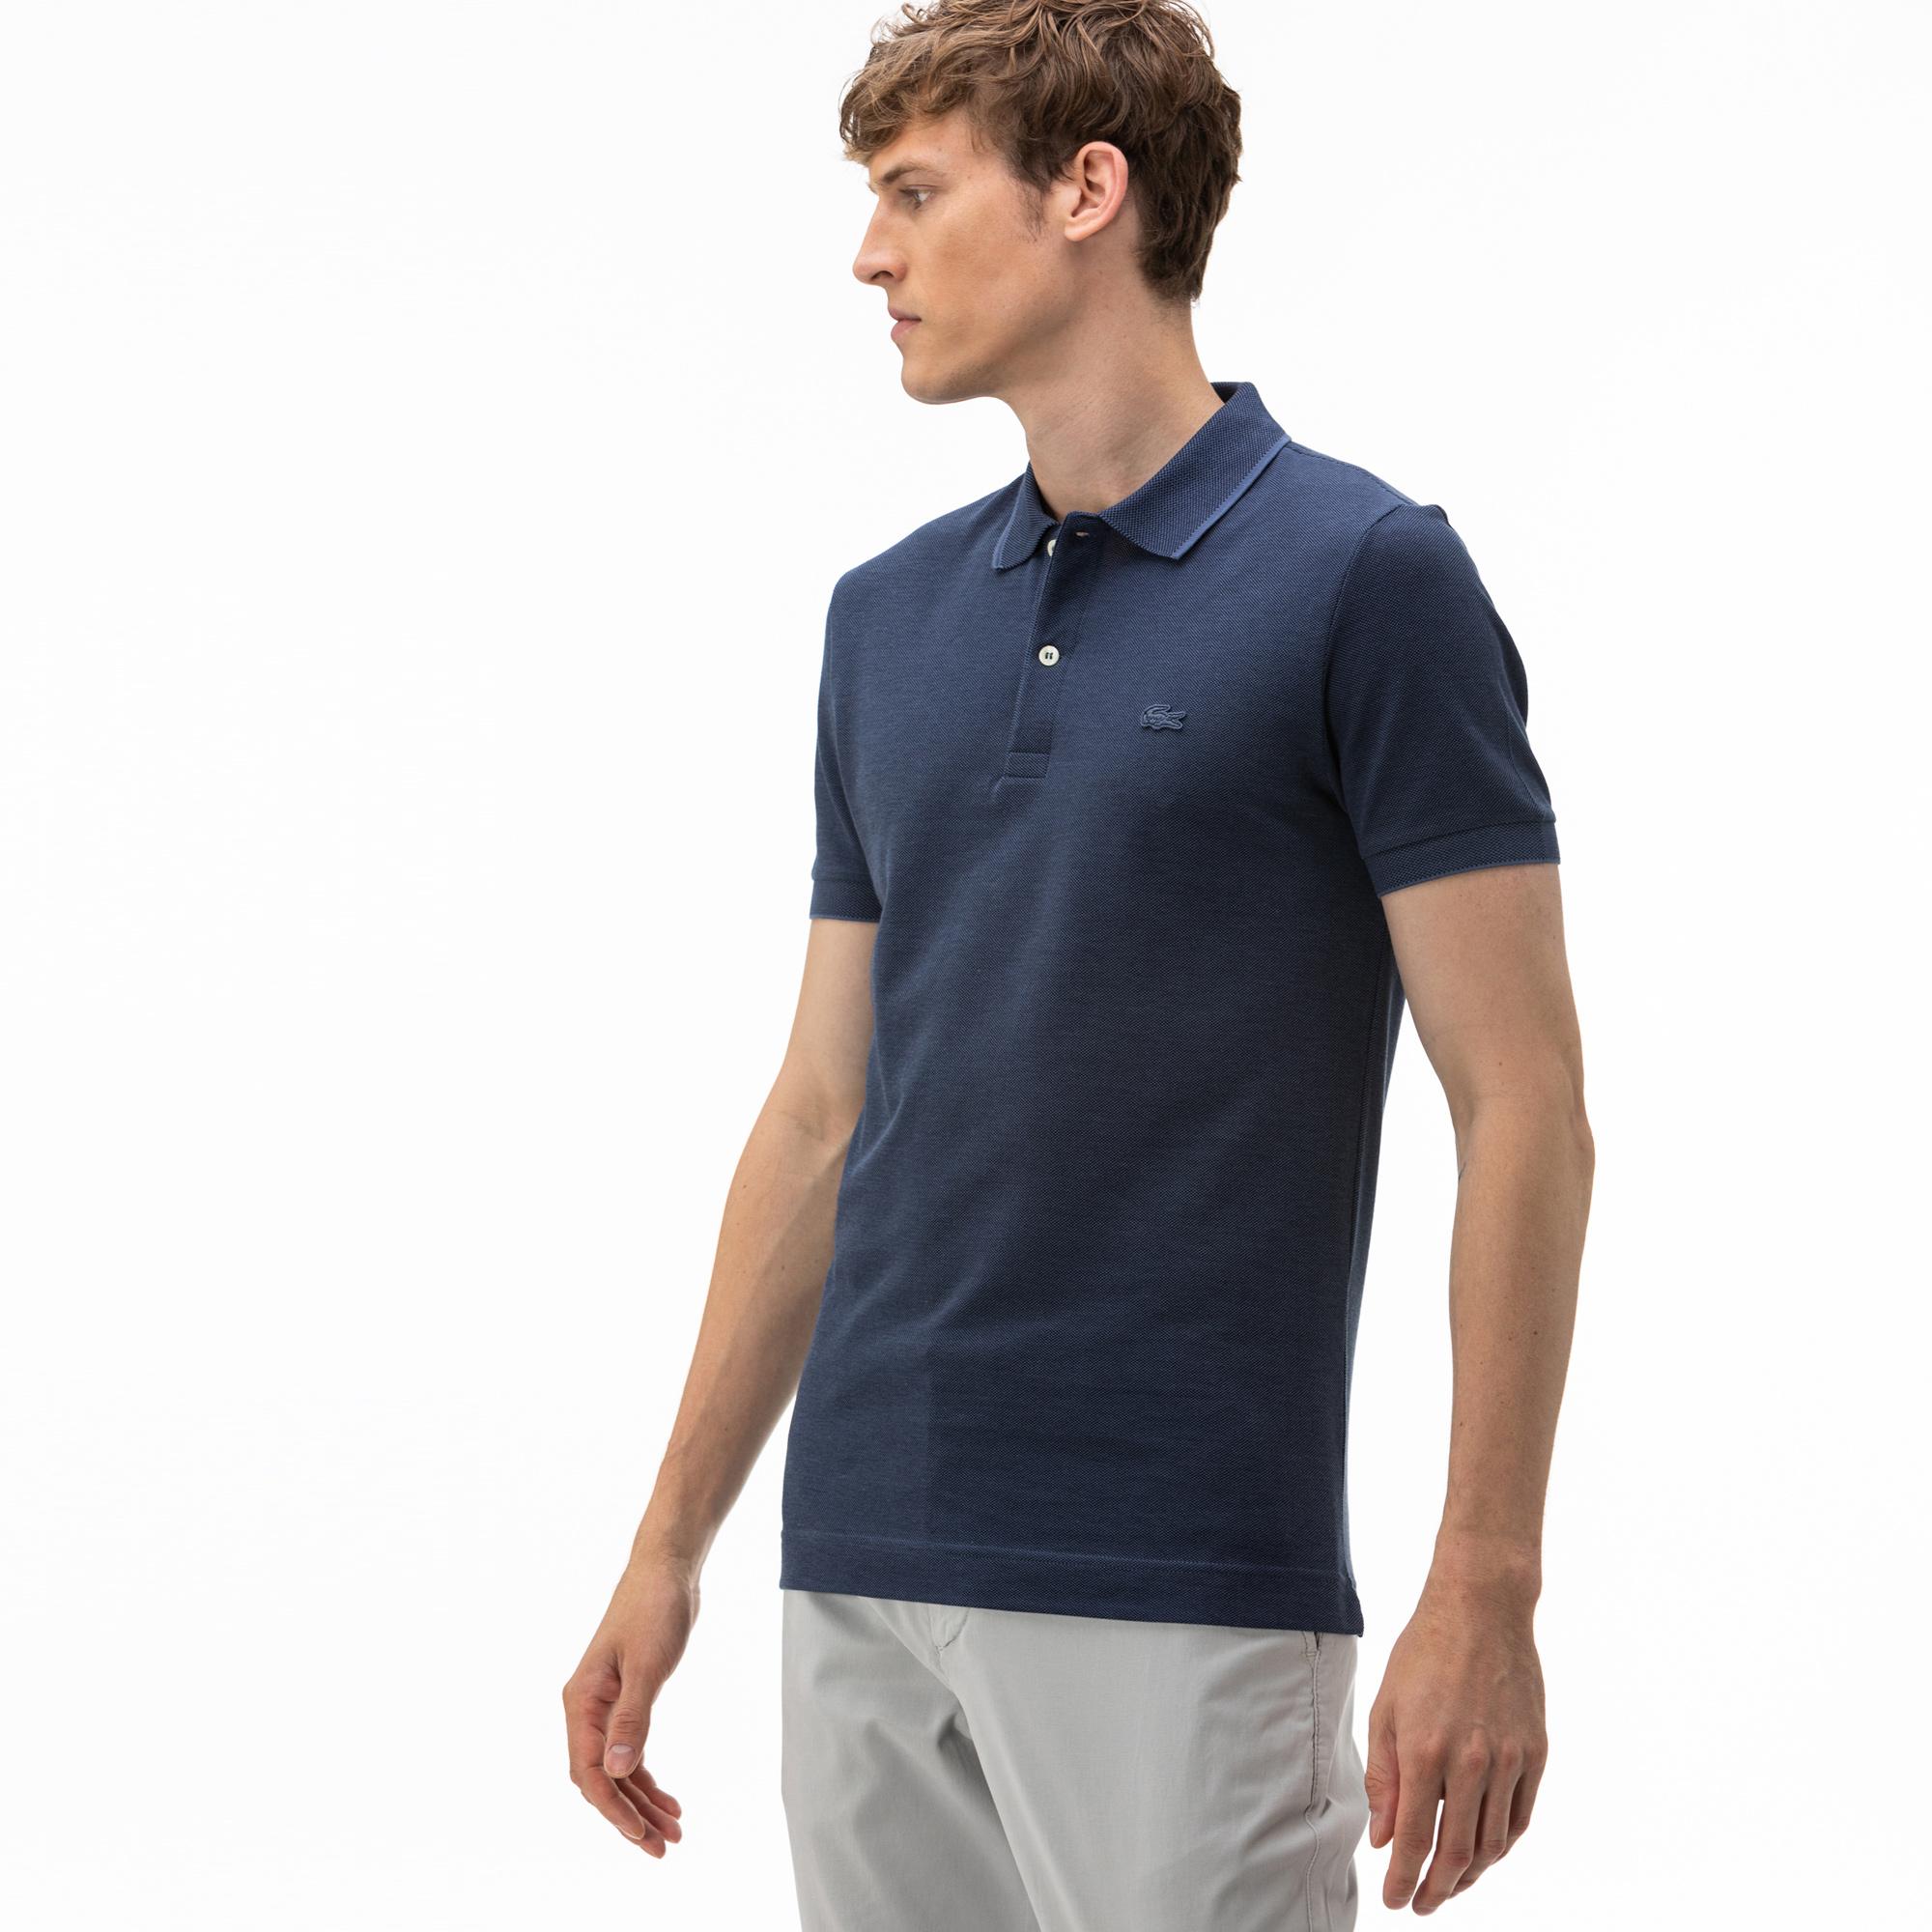 Lacoste Men's Cotton Piqué Polo